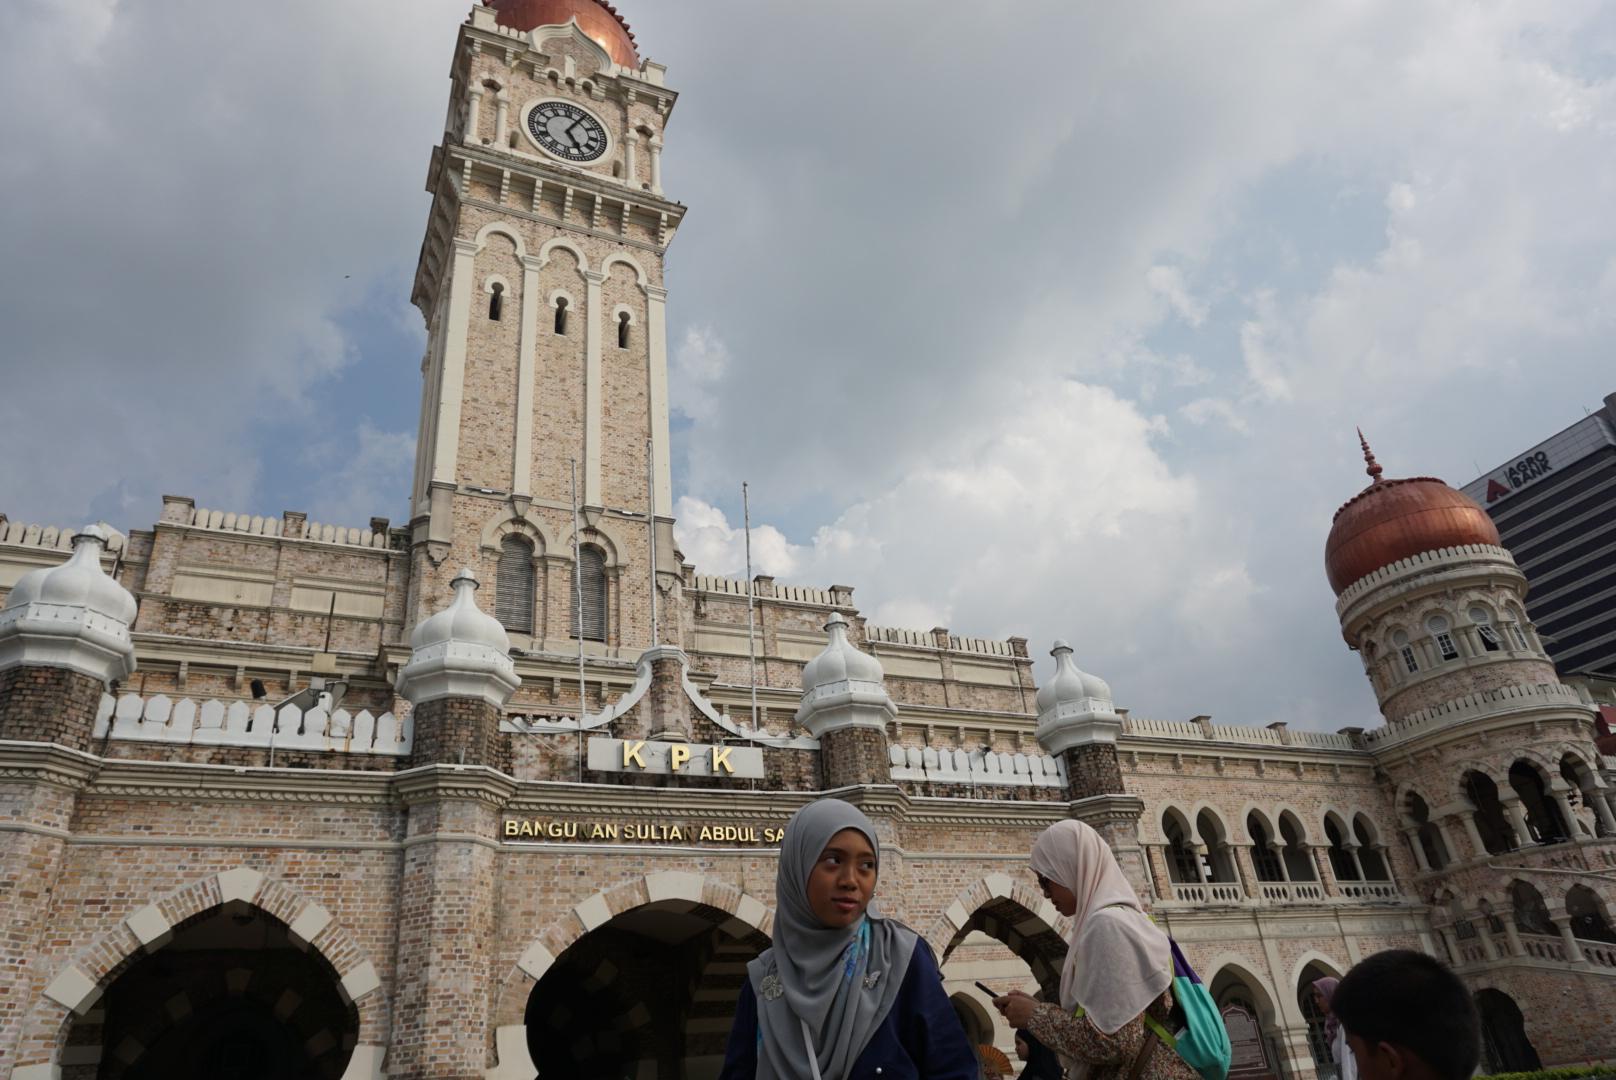 Sultan Abdulsamet binası, Kuala Lumpur / Malezya, Aralık, 2017